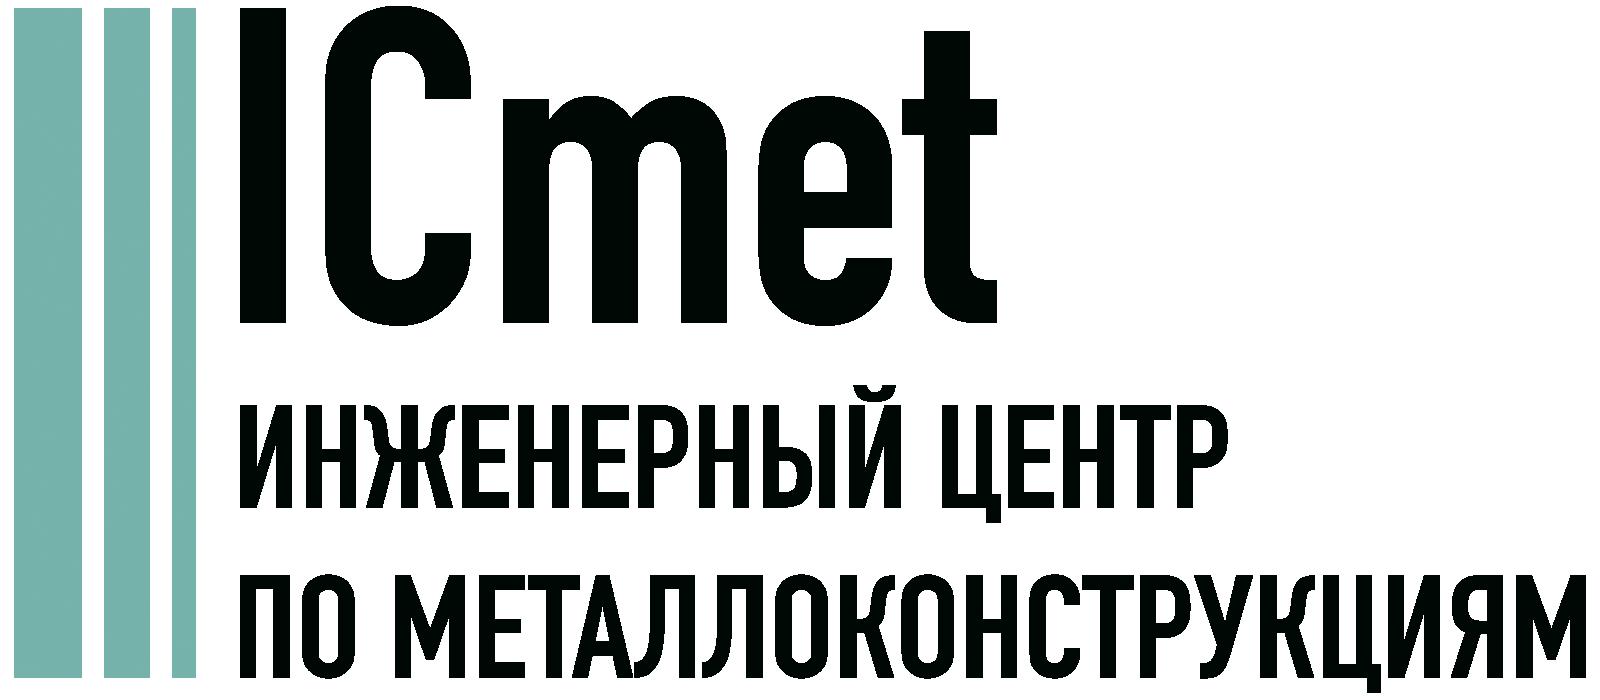 Проектирование металлоконструкций в Орске